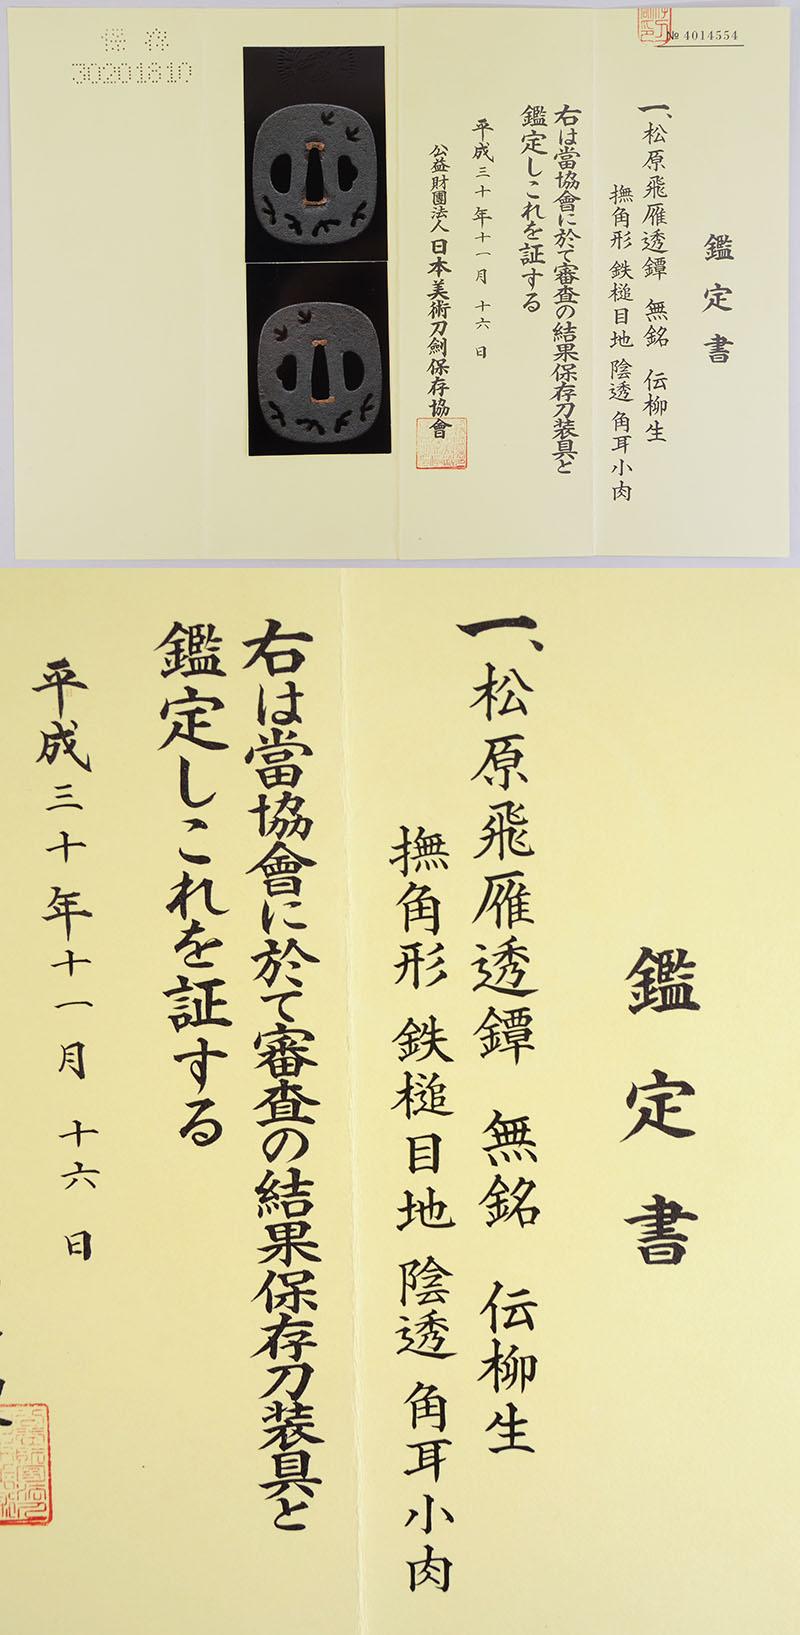 松原飛雁透鍔 無銘 伝柳生 Picture of Certificate